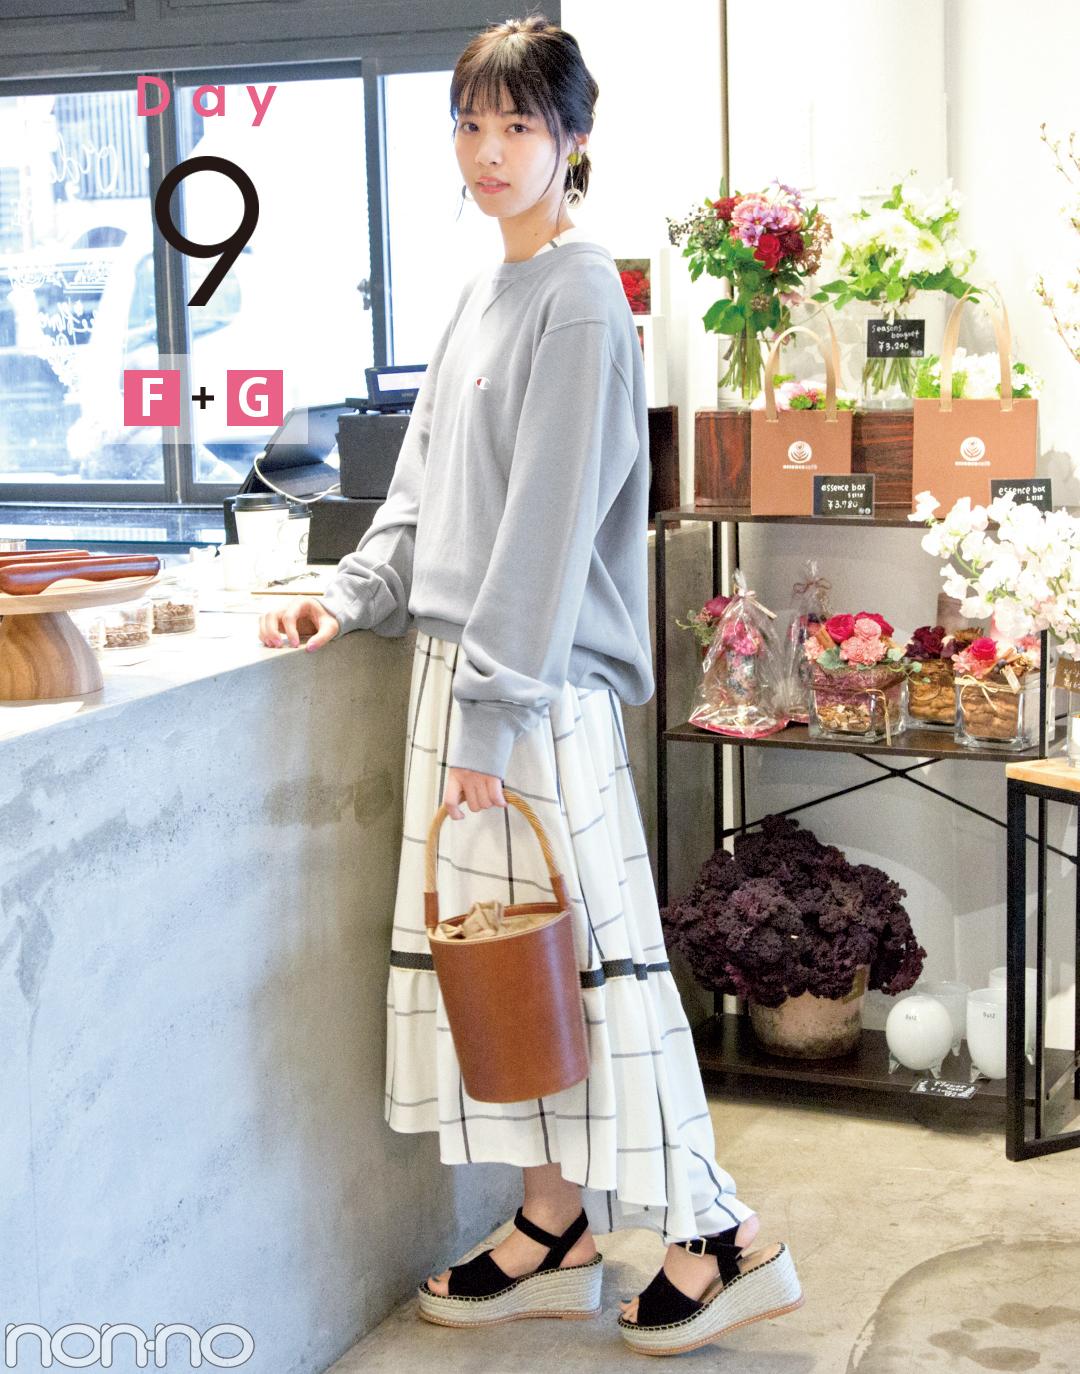 大好評第二弾! 西野七瀬主演♡「4月の甘め服に5月の買い足し」着回しday6~day10!_2_2-3